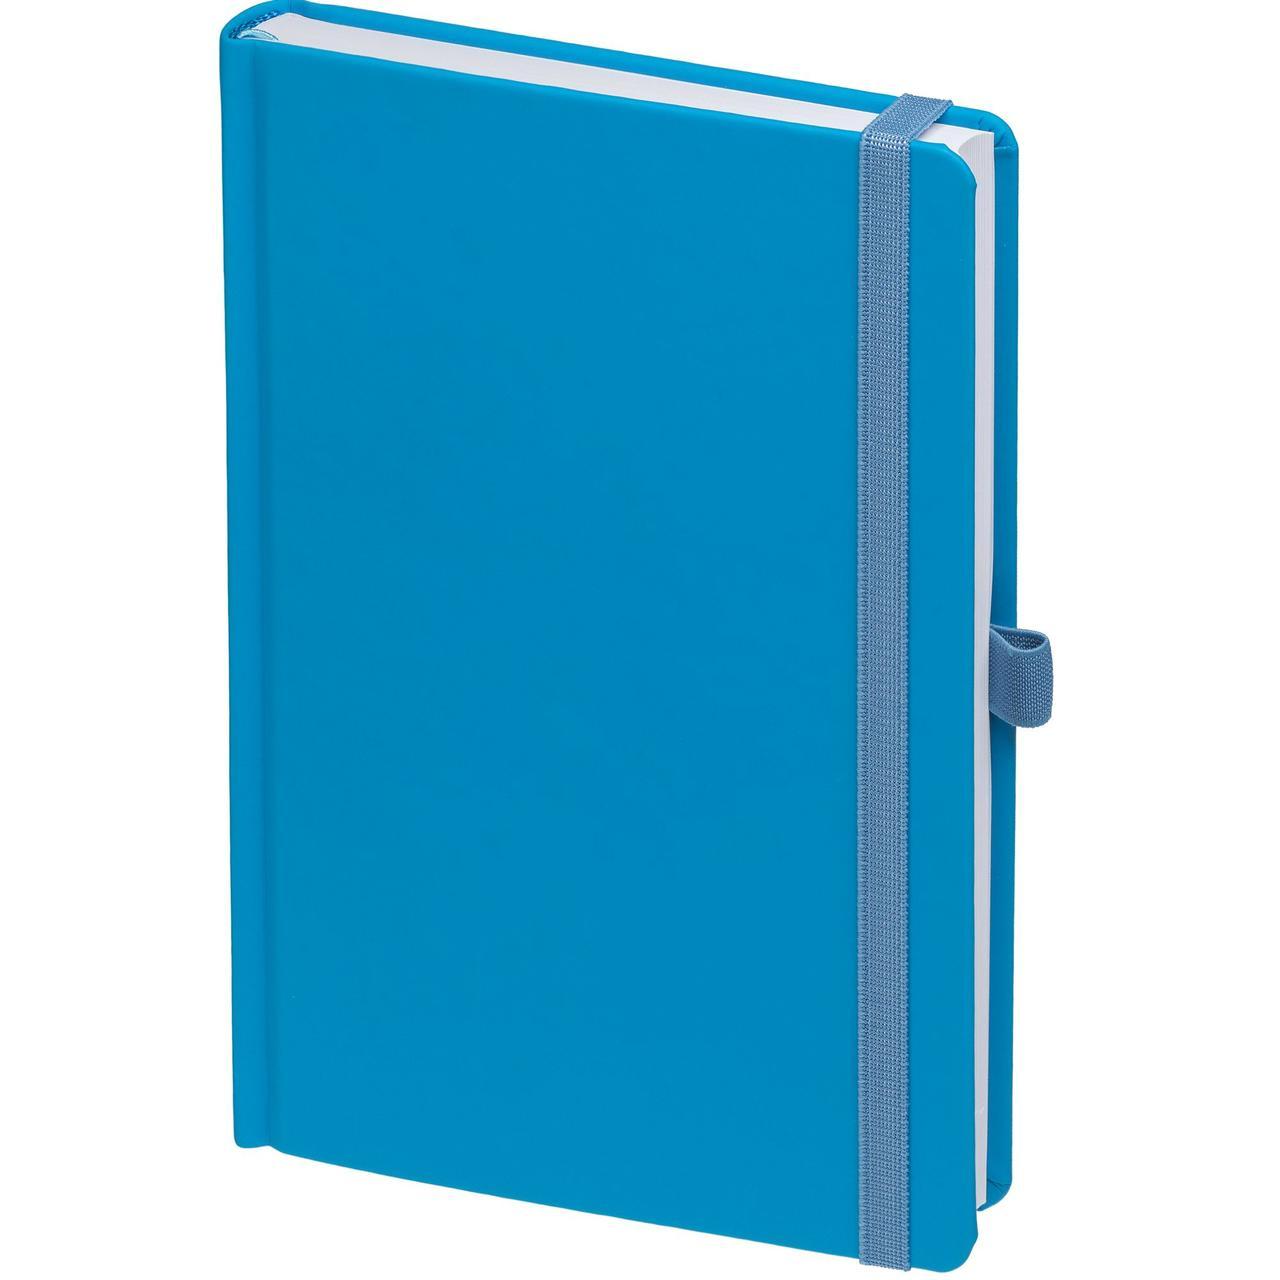 Ежедневник Favor, недатированный, голубой (артикул 17072.44)